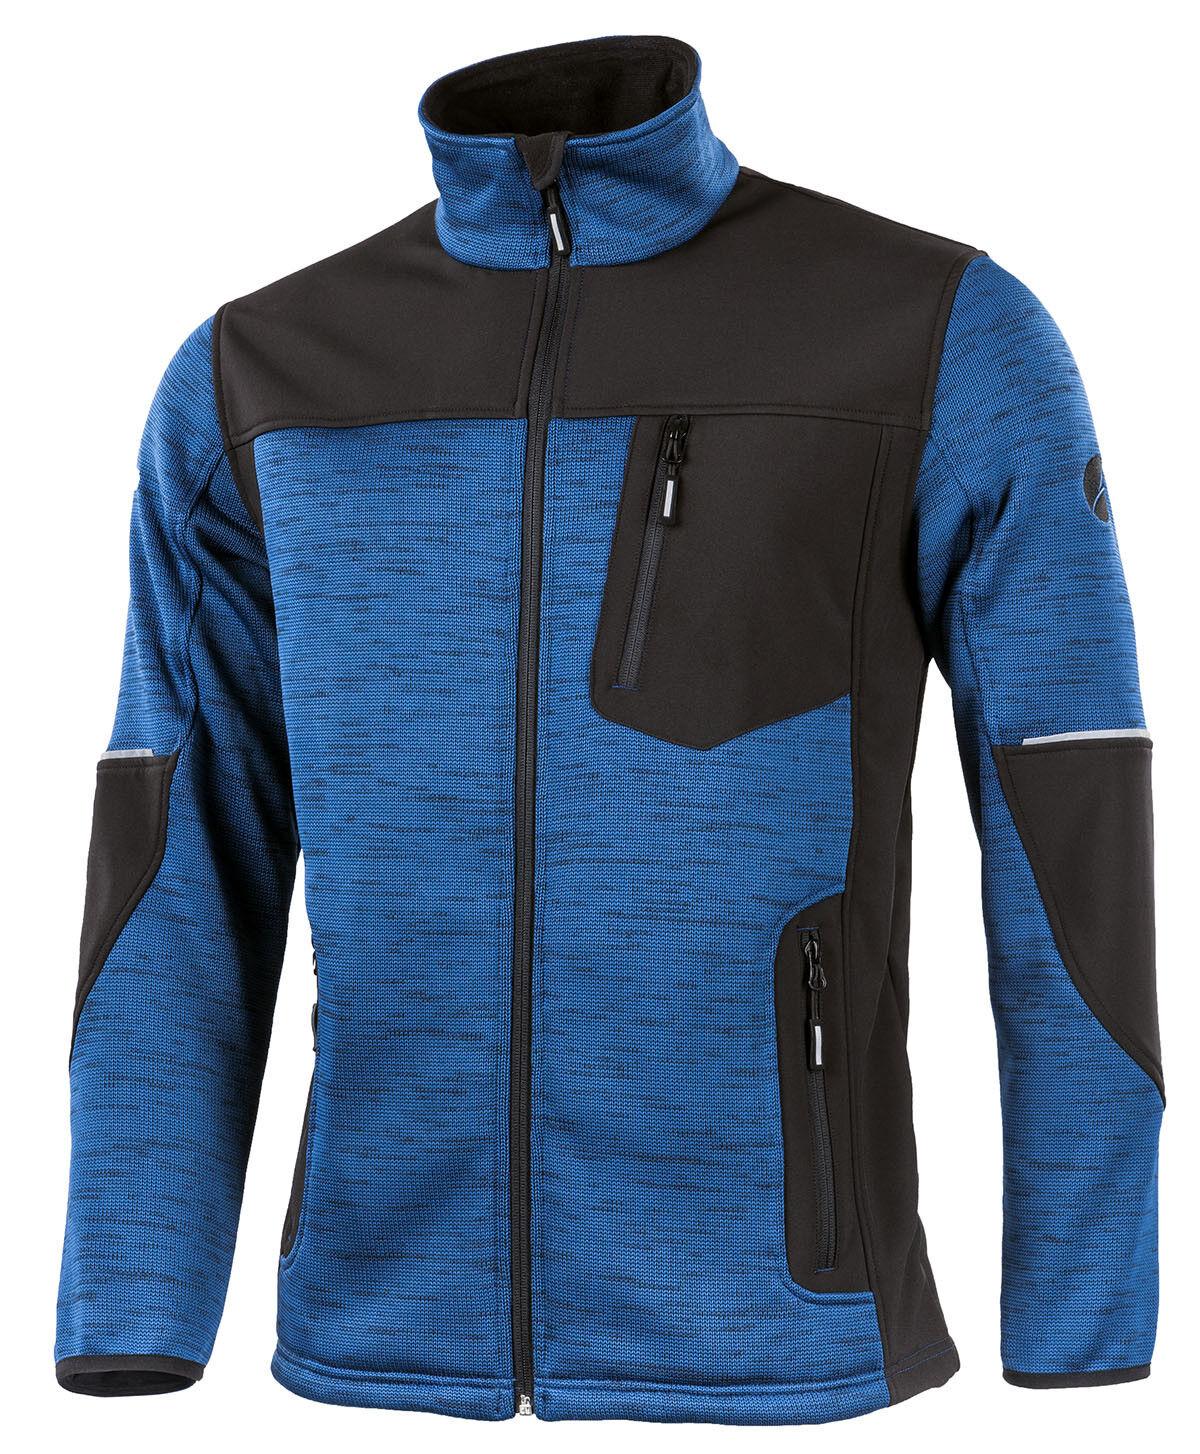 Strickjacke MAXWELL mit modischem Softshell-Besatz - blau/schwarz